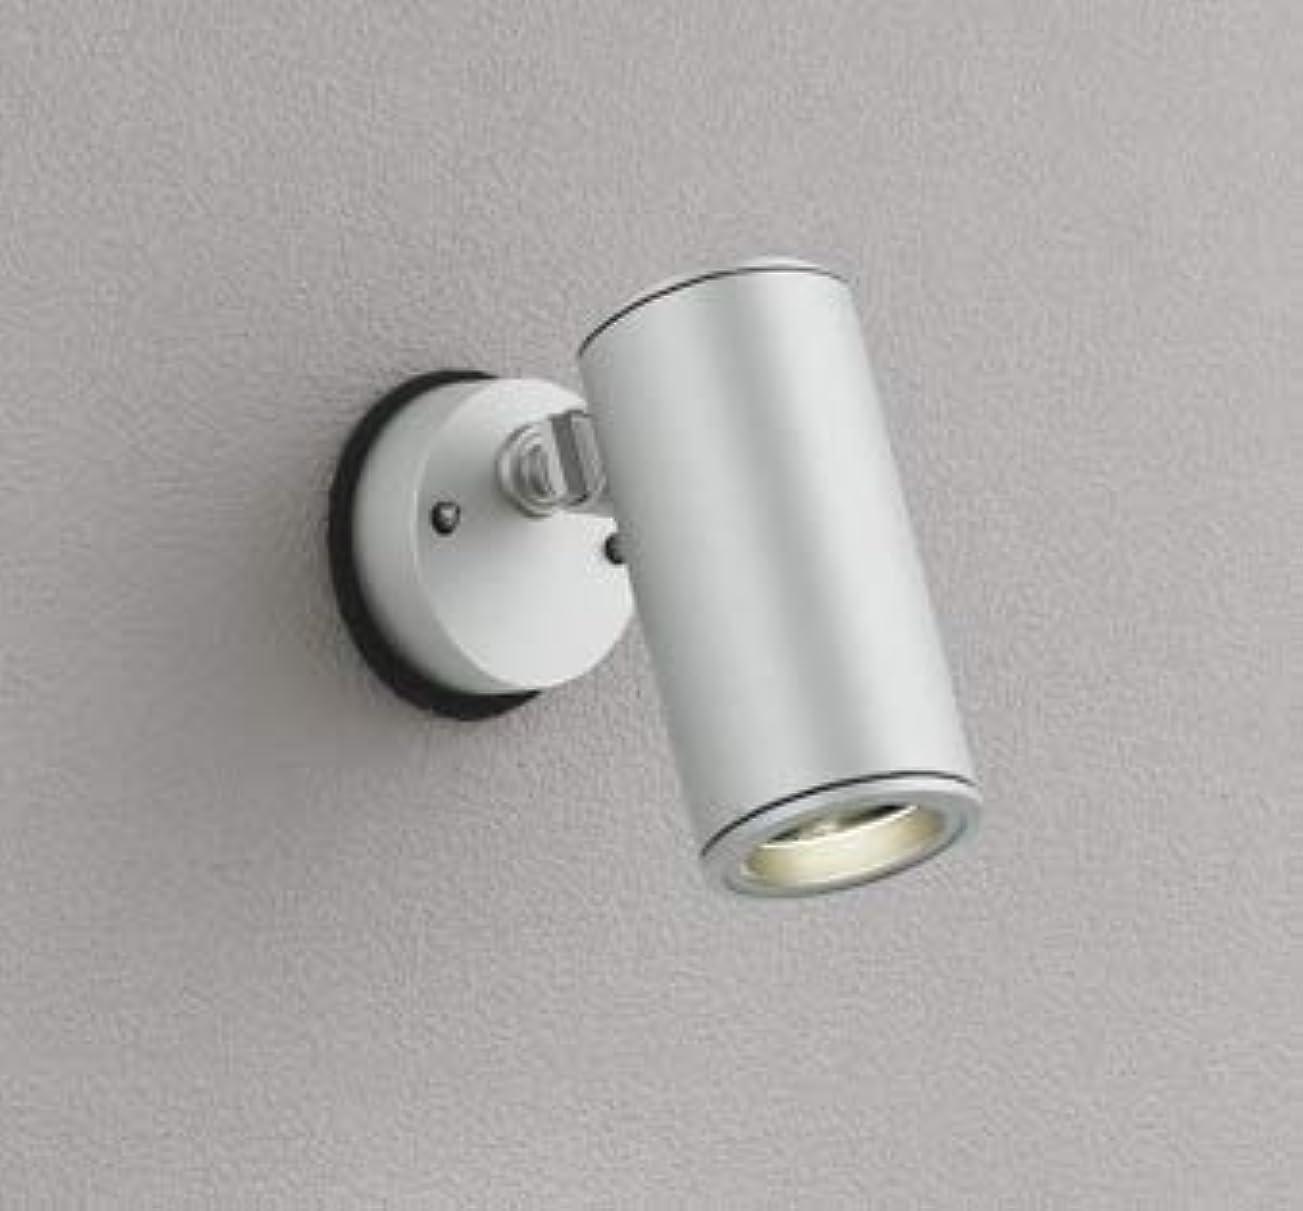 祝福飽和するモックオーデリック ODELIC【OG254850】外構用照明 エクステリアライト スポットライト